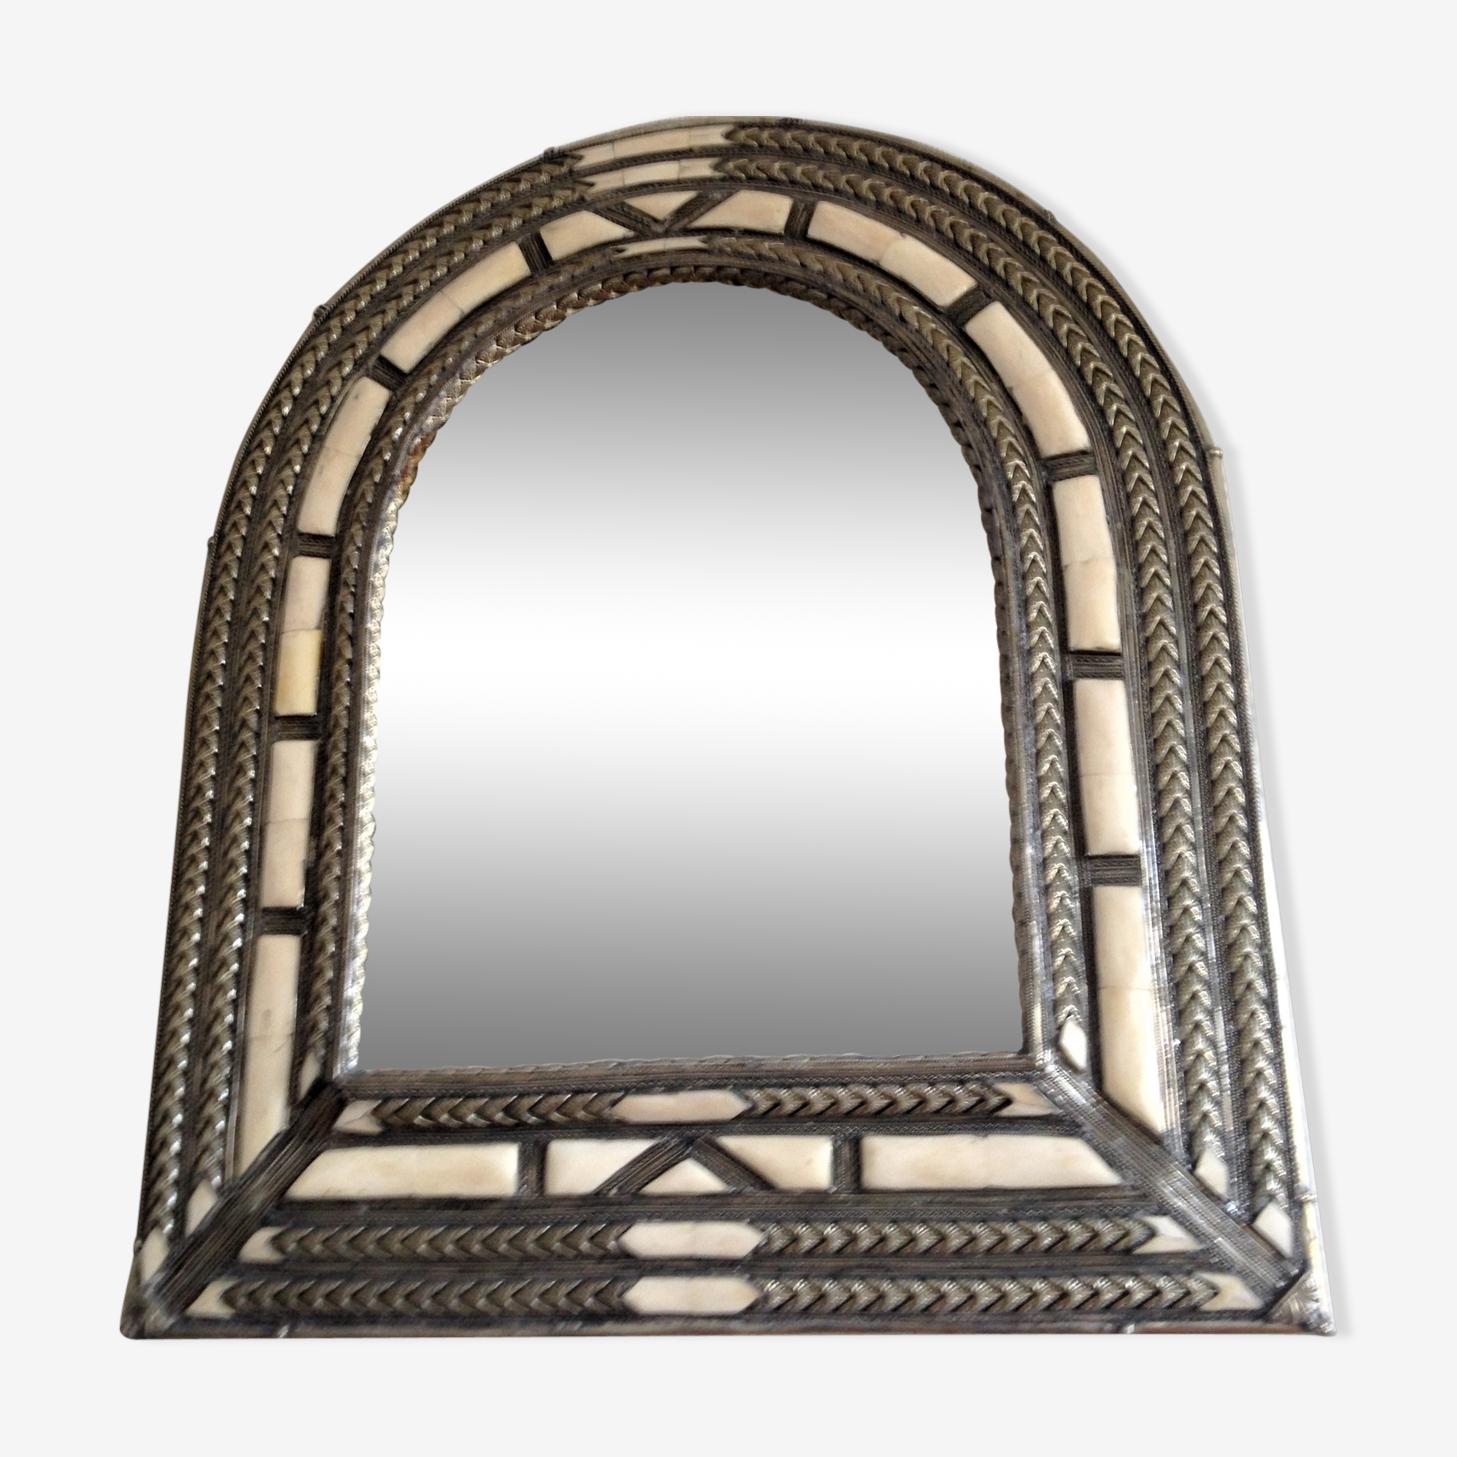 Miroir cintré - os, métal argenté, turquoise, velours - orient - 60x70 cm